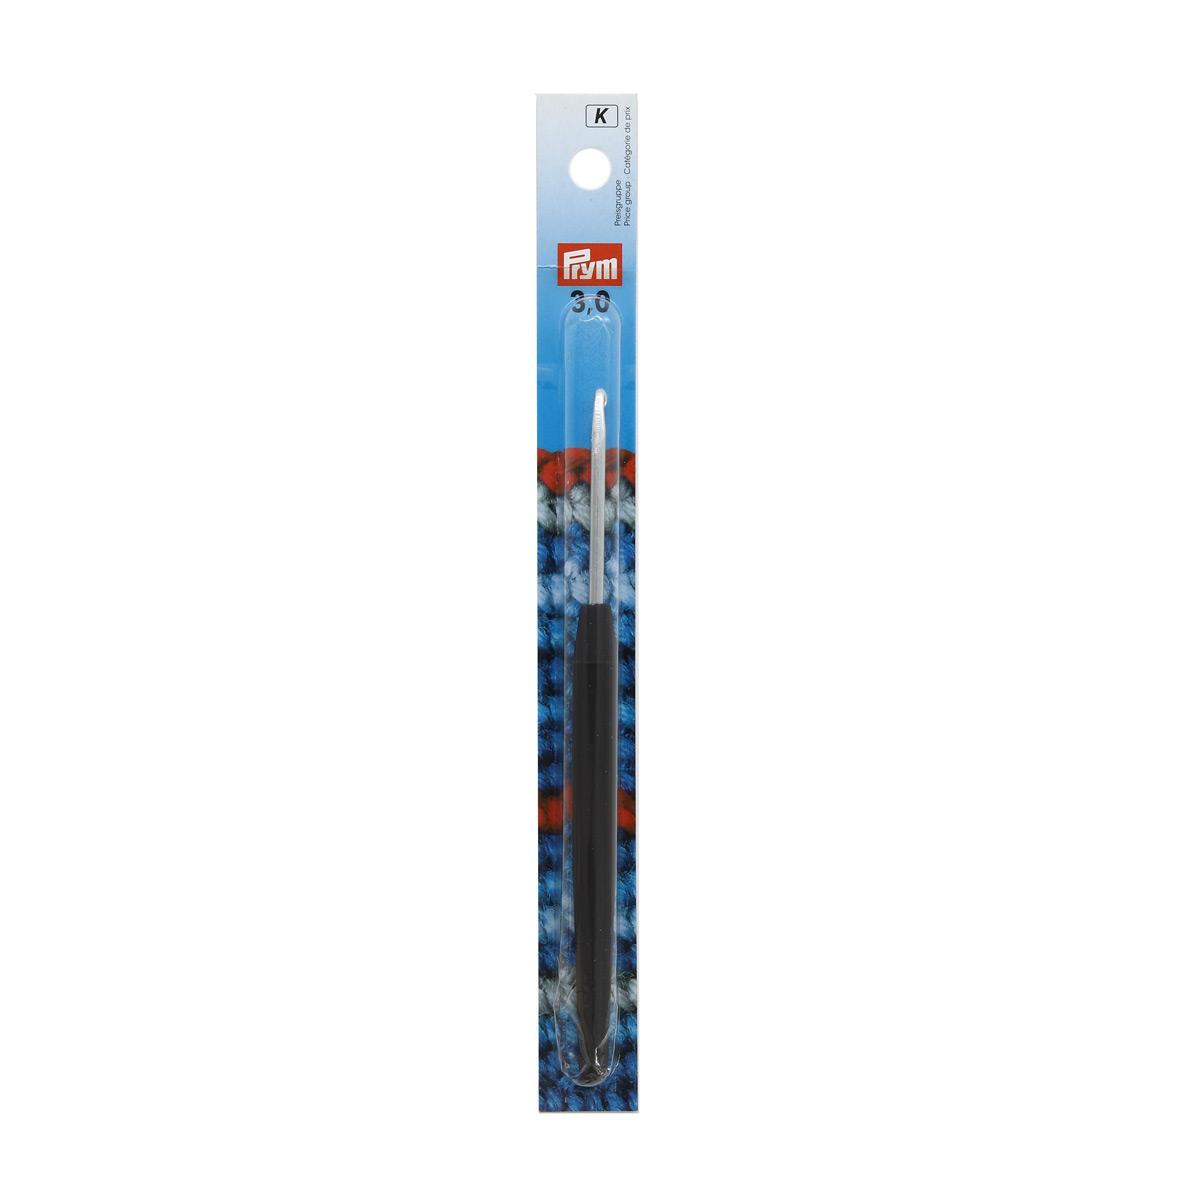 195174 Крючок SOFT вязальный с мягкой ручкой, алюм. 3,0 * 14 Prym